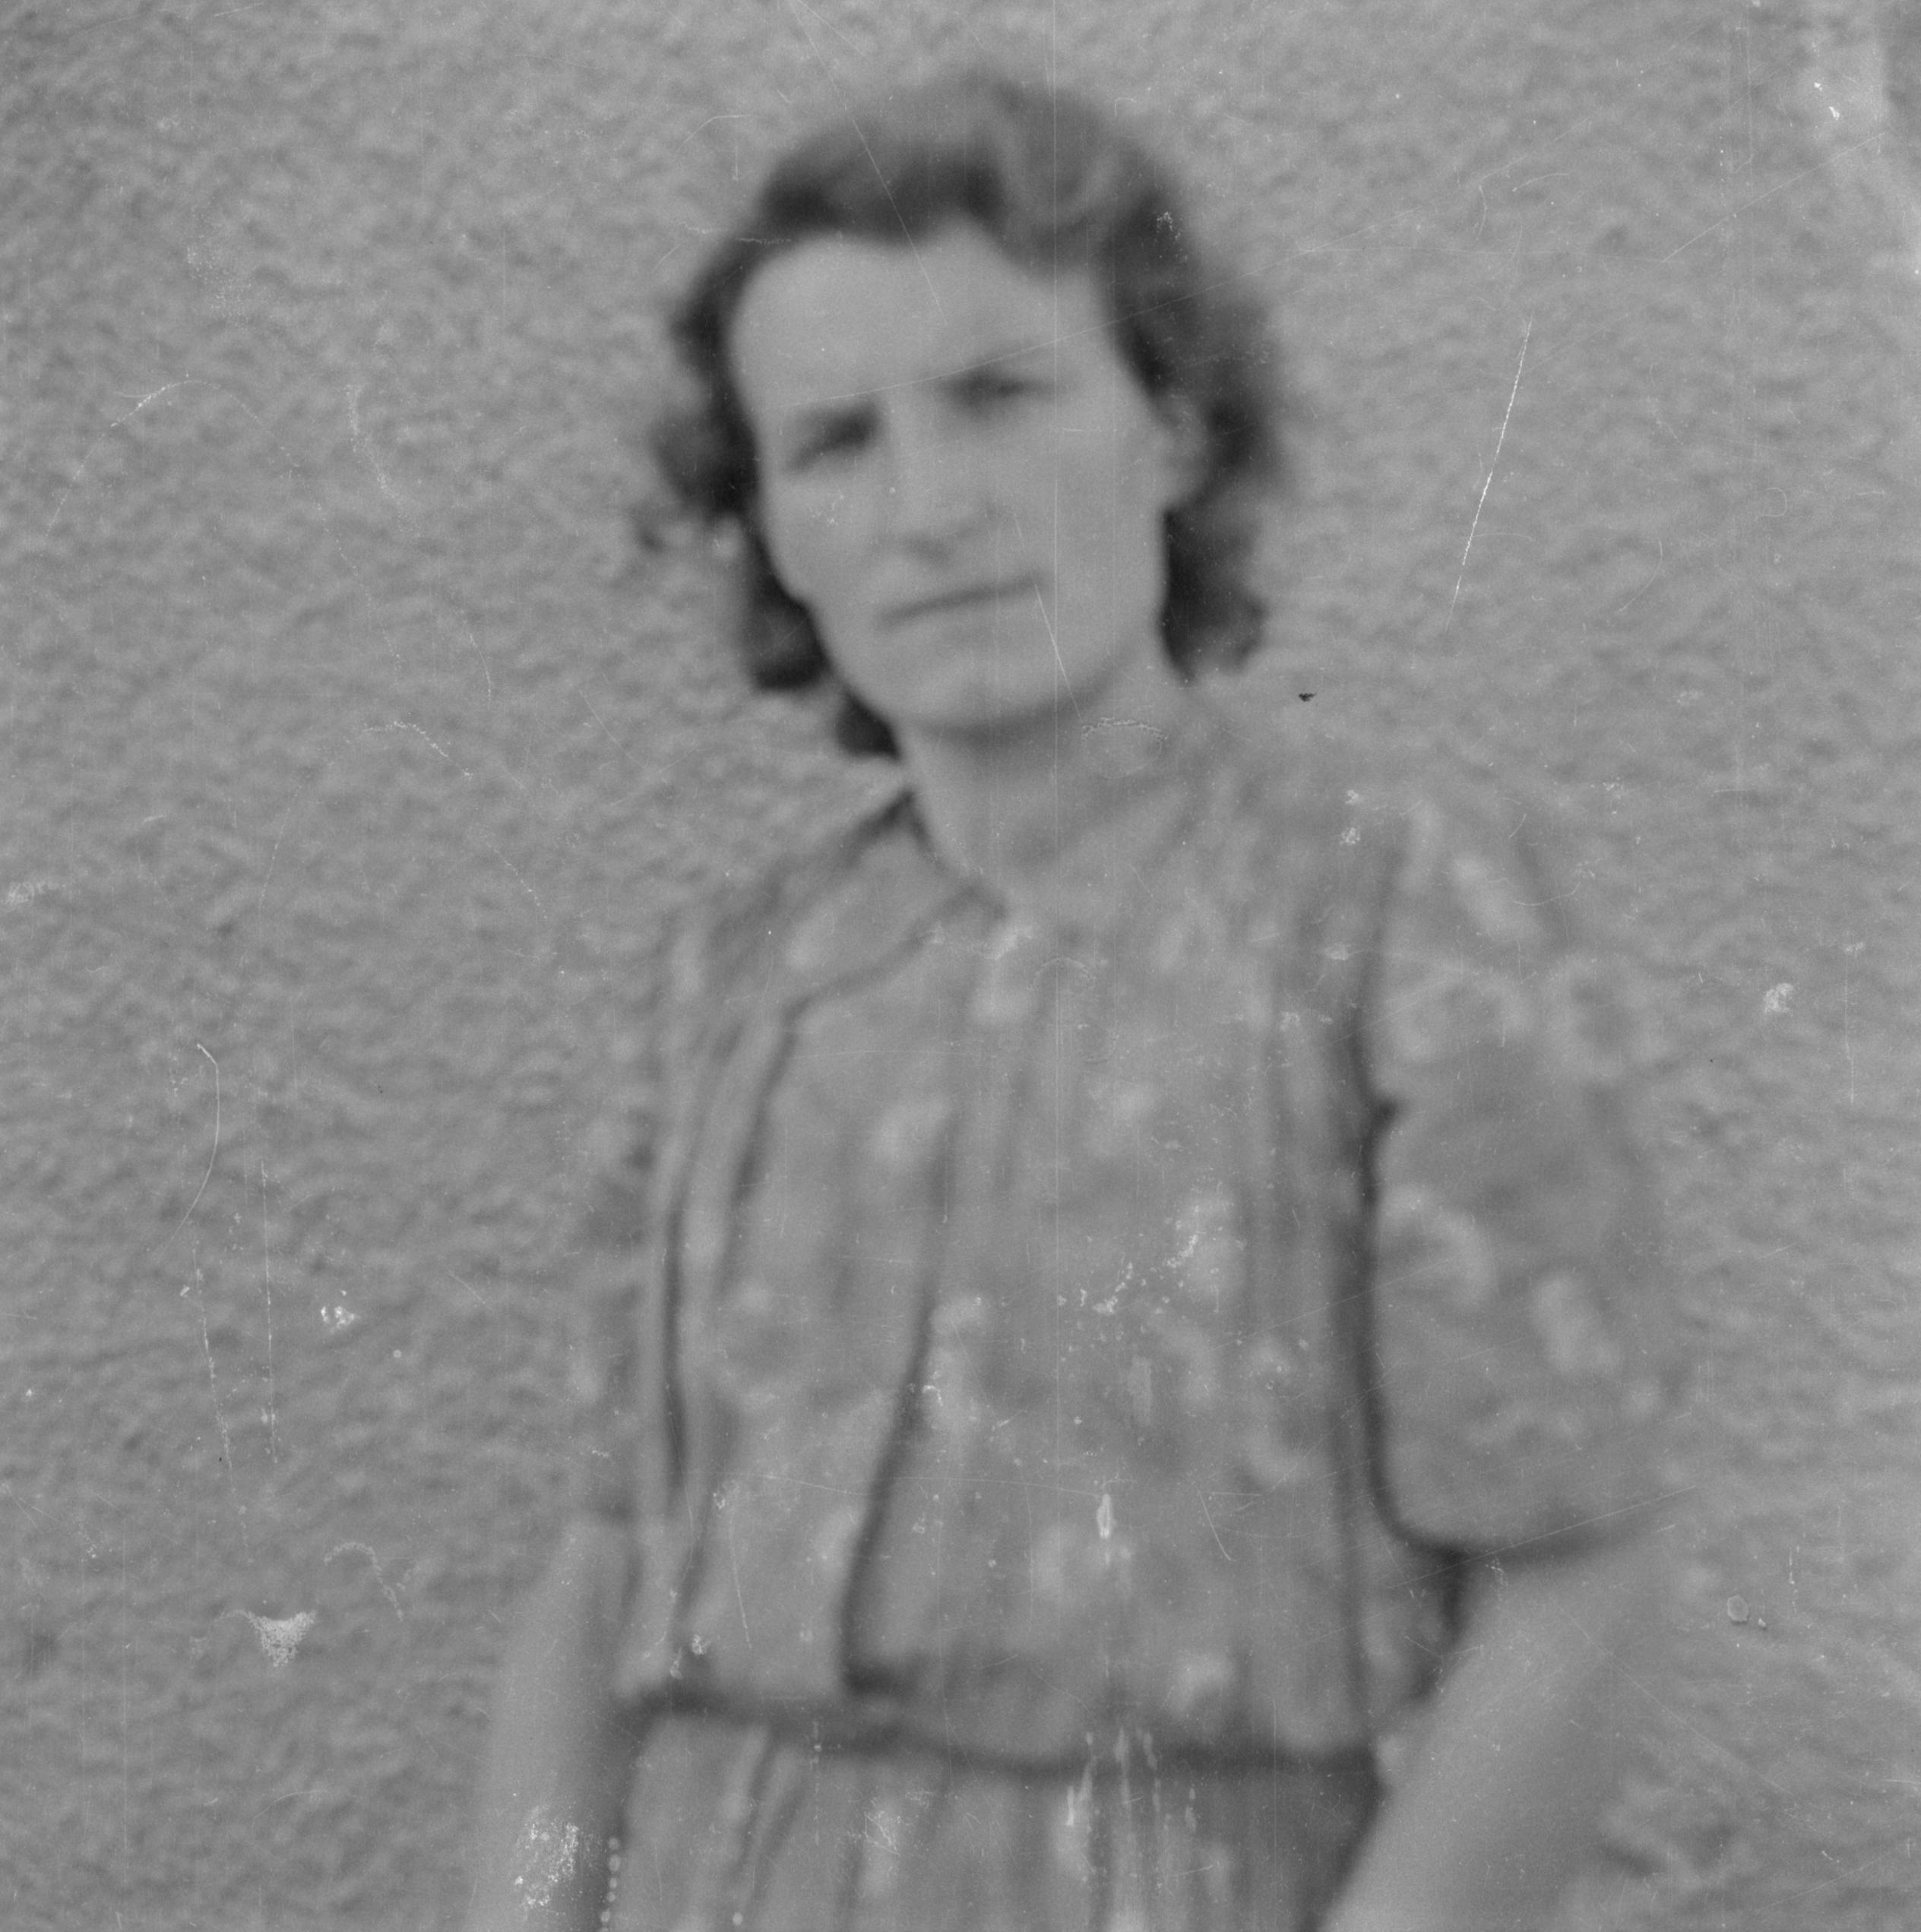 Portret kobiety, Dolny Śląsk, 2. poł. XX w.